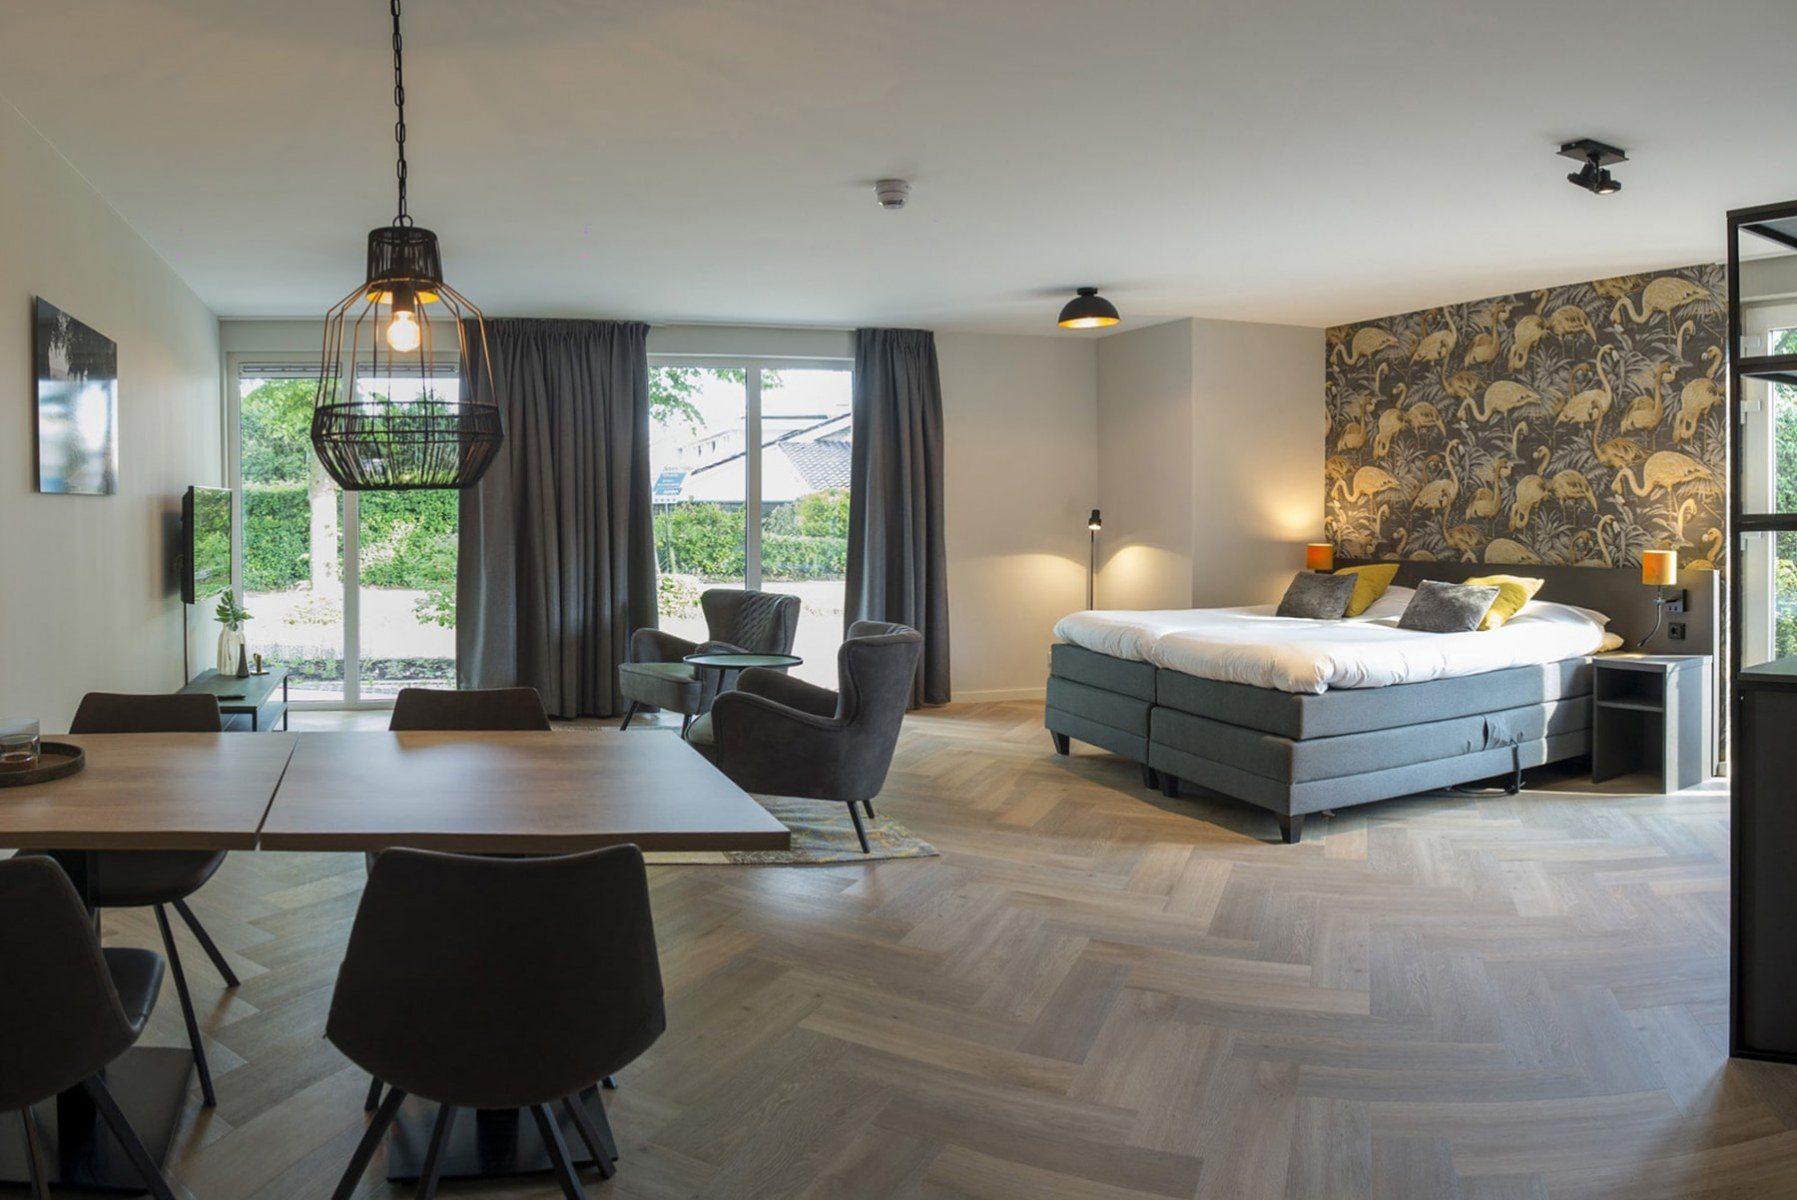 groepsaccommodatie en hotel